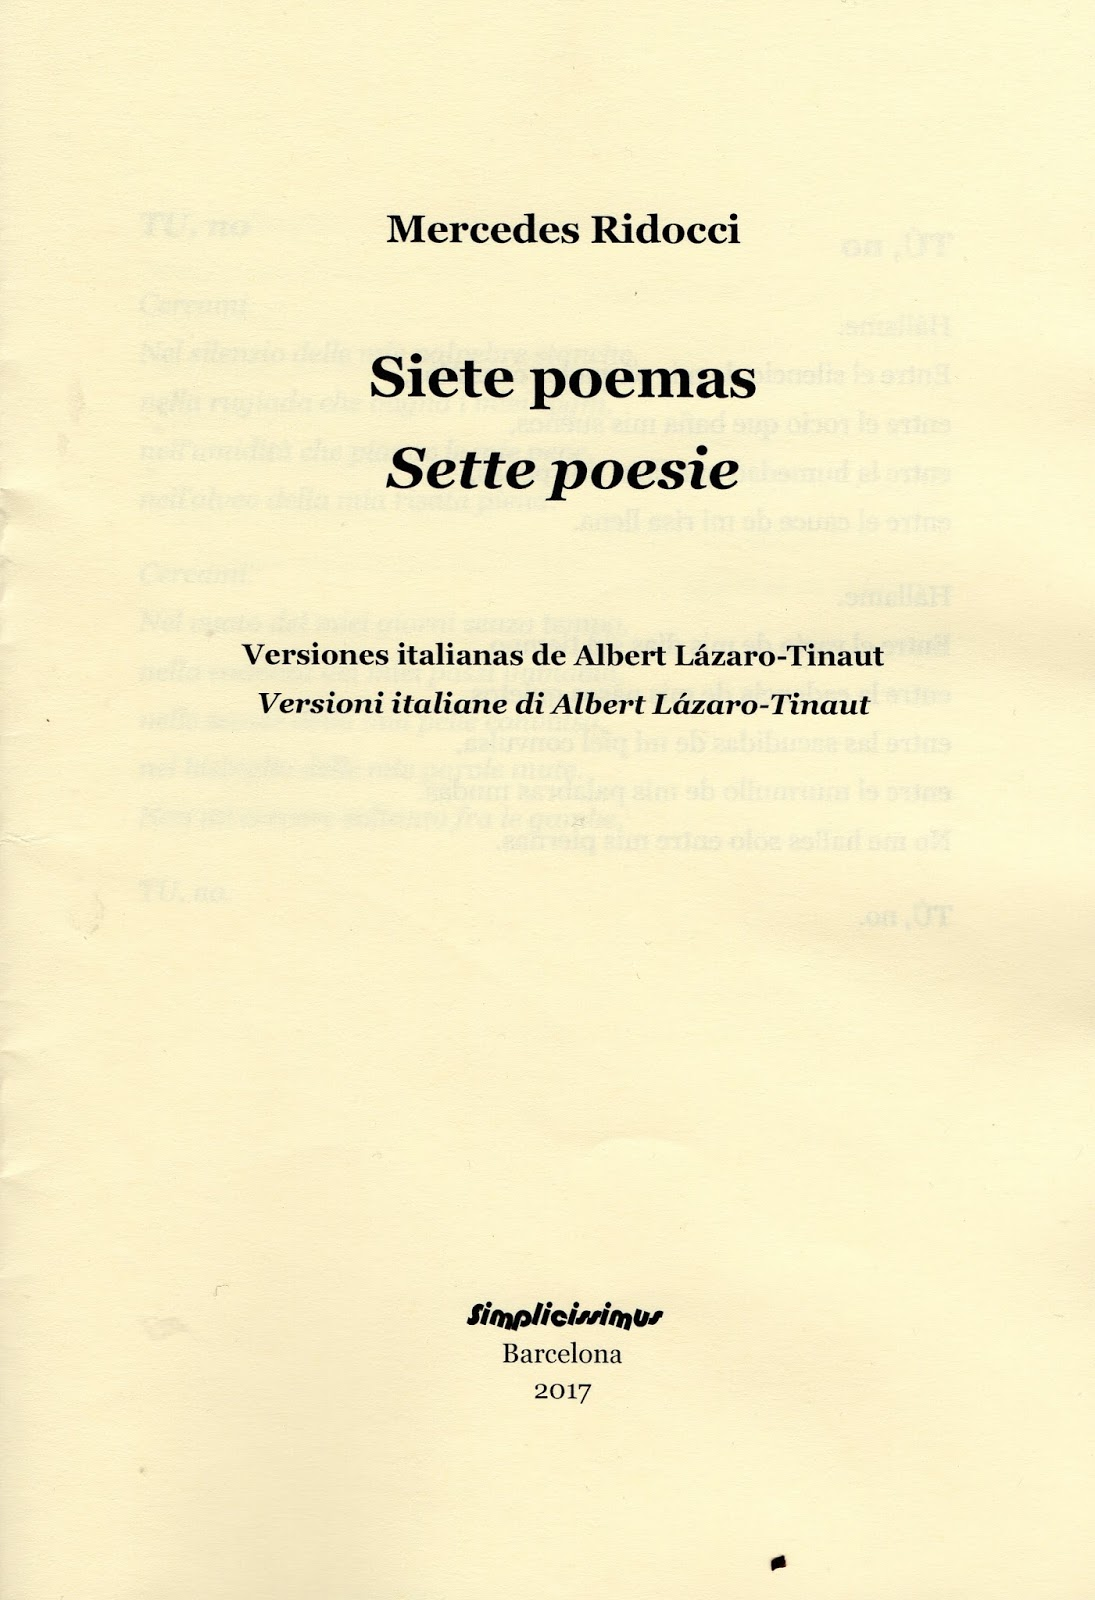 poesia tradução crítica